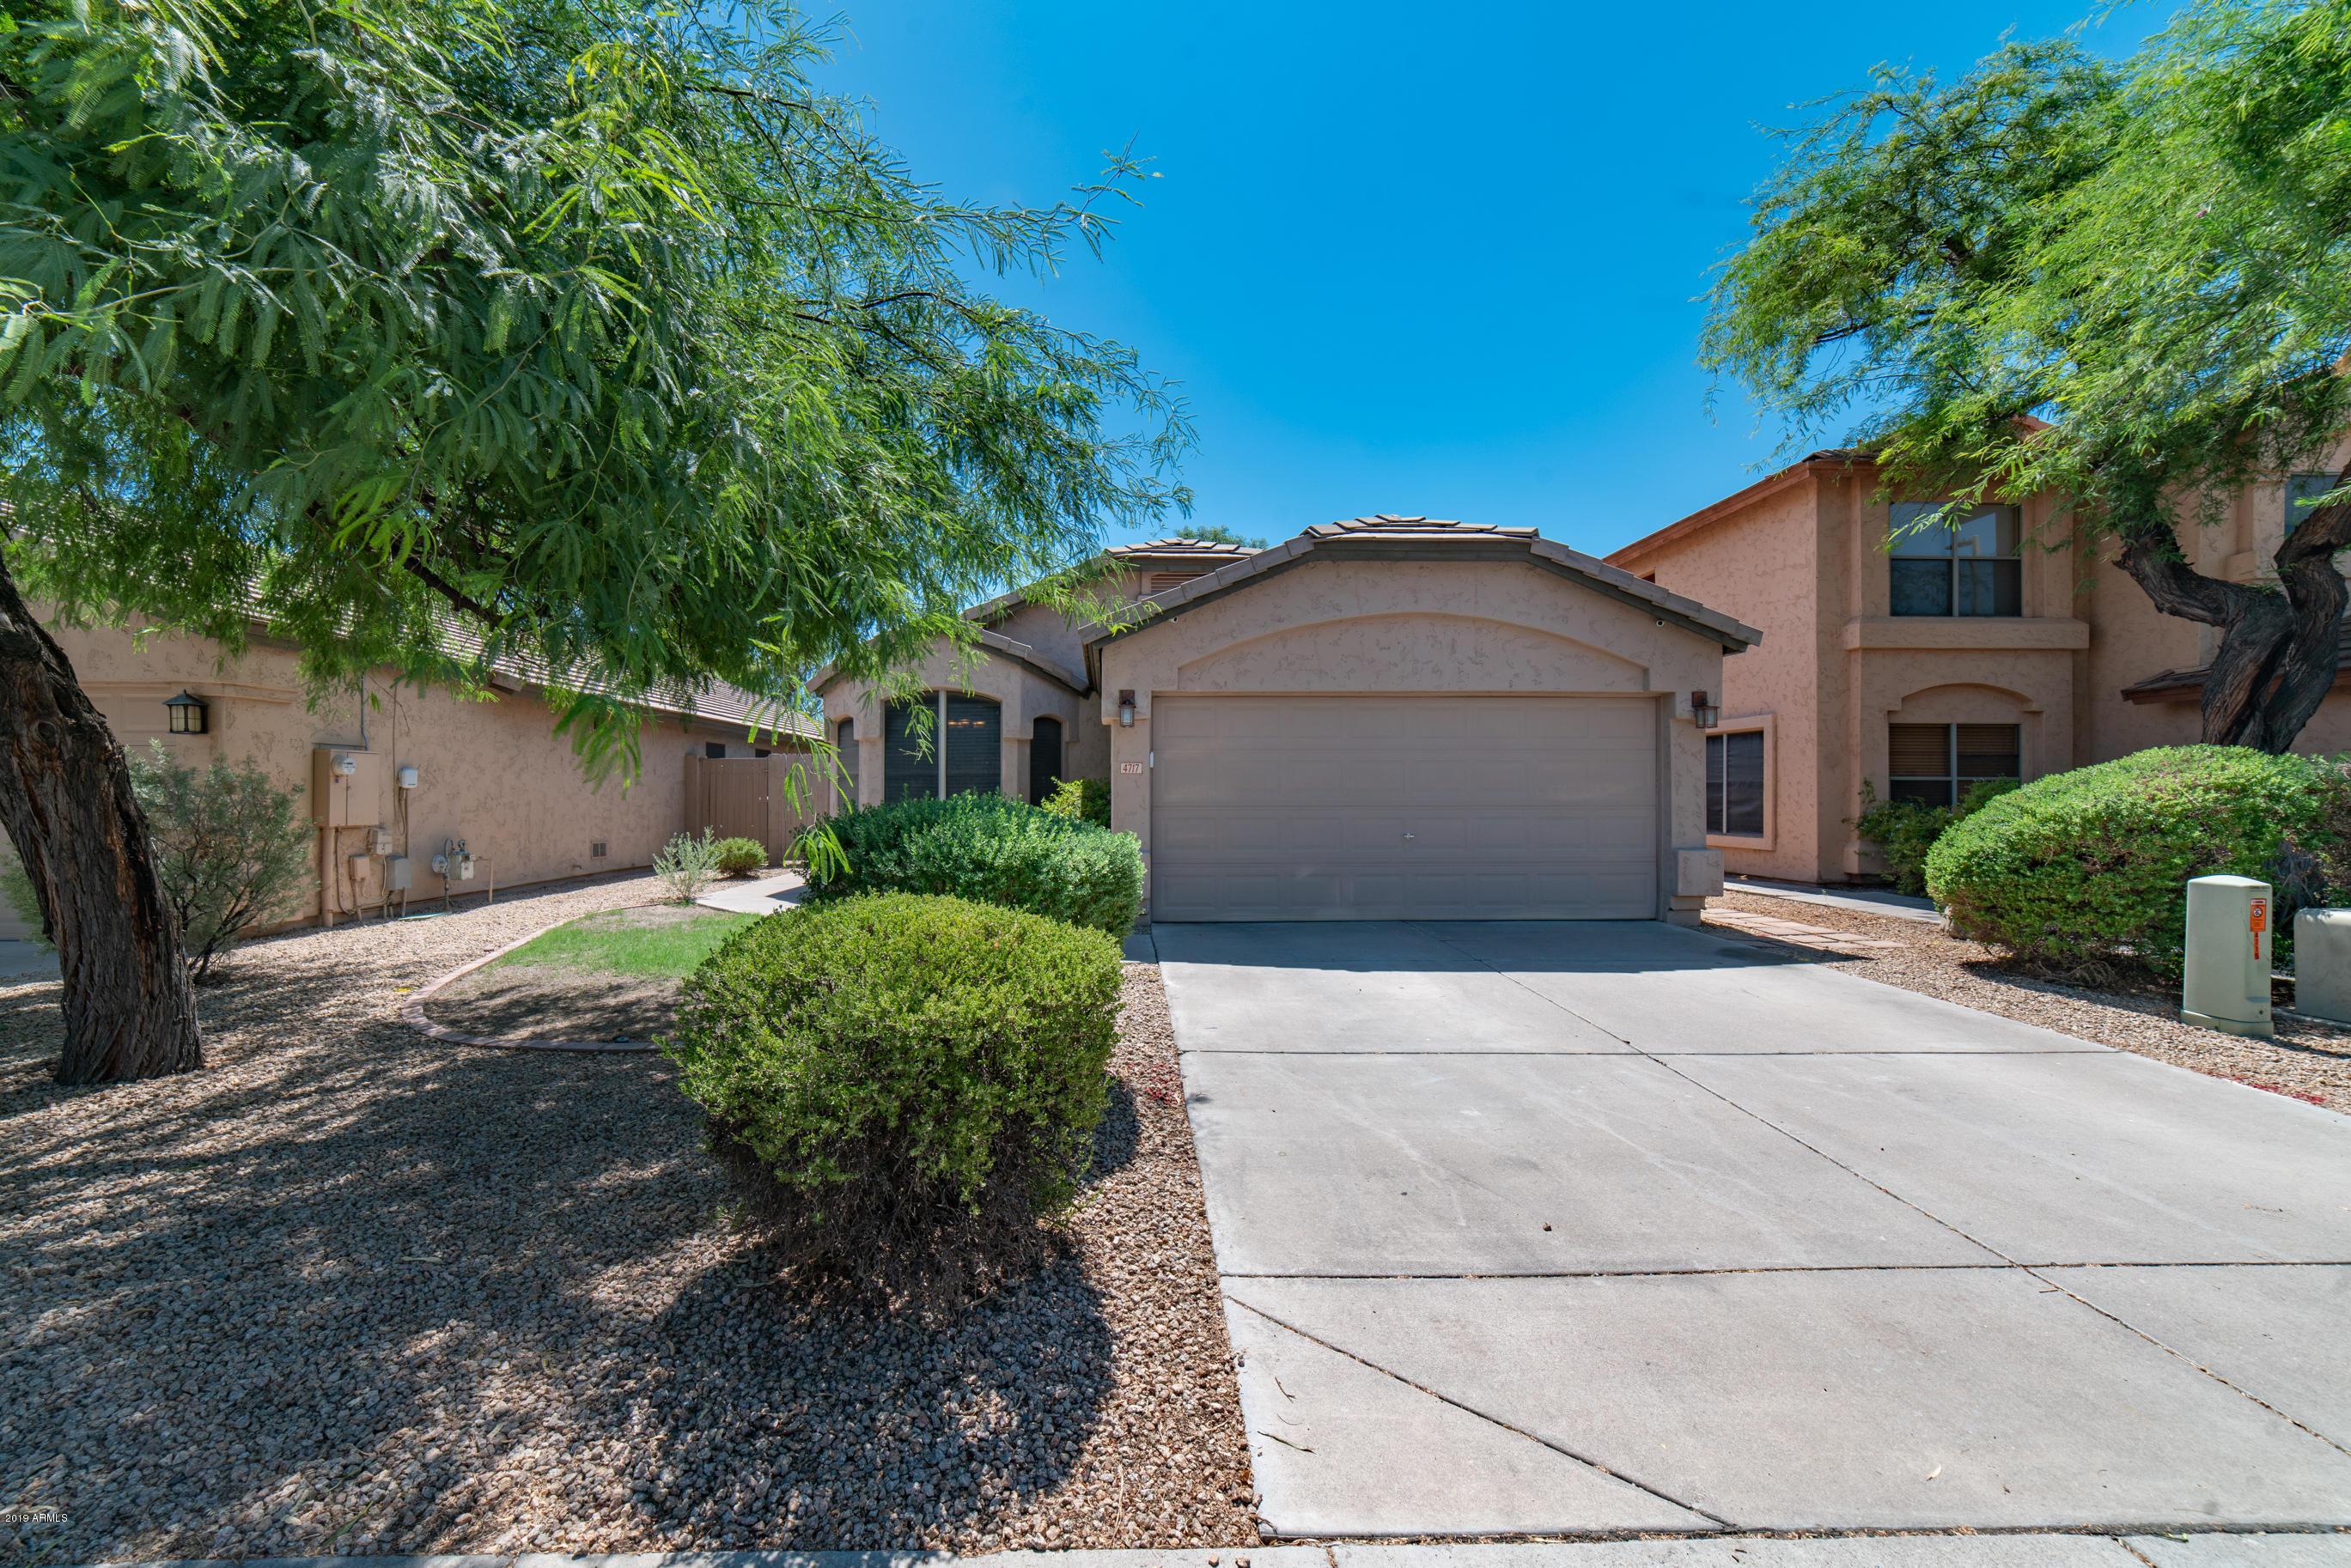 Photo of 4717 E GATEWOOD Road, Phoenix, AZ 85050